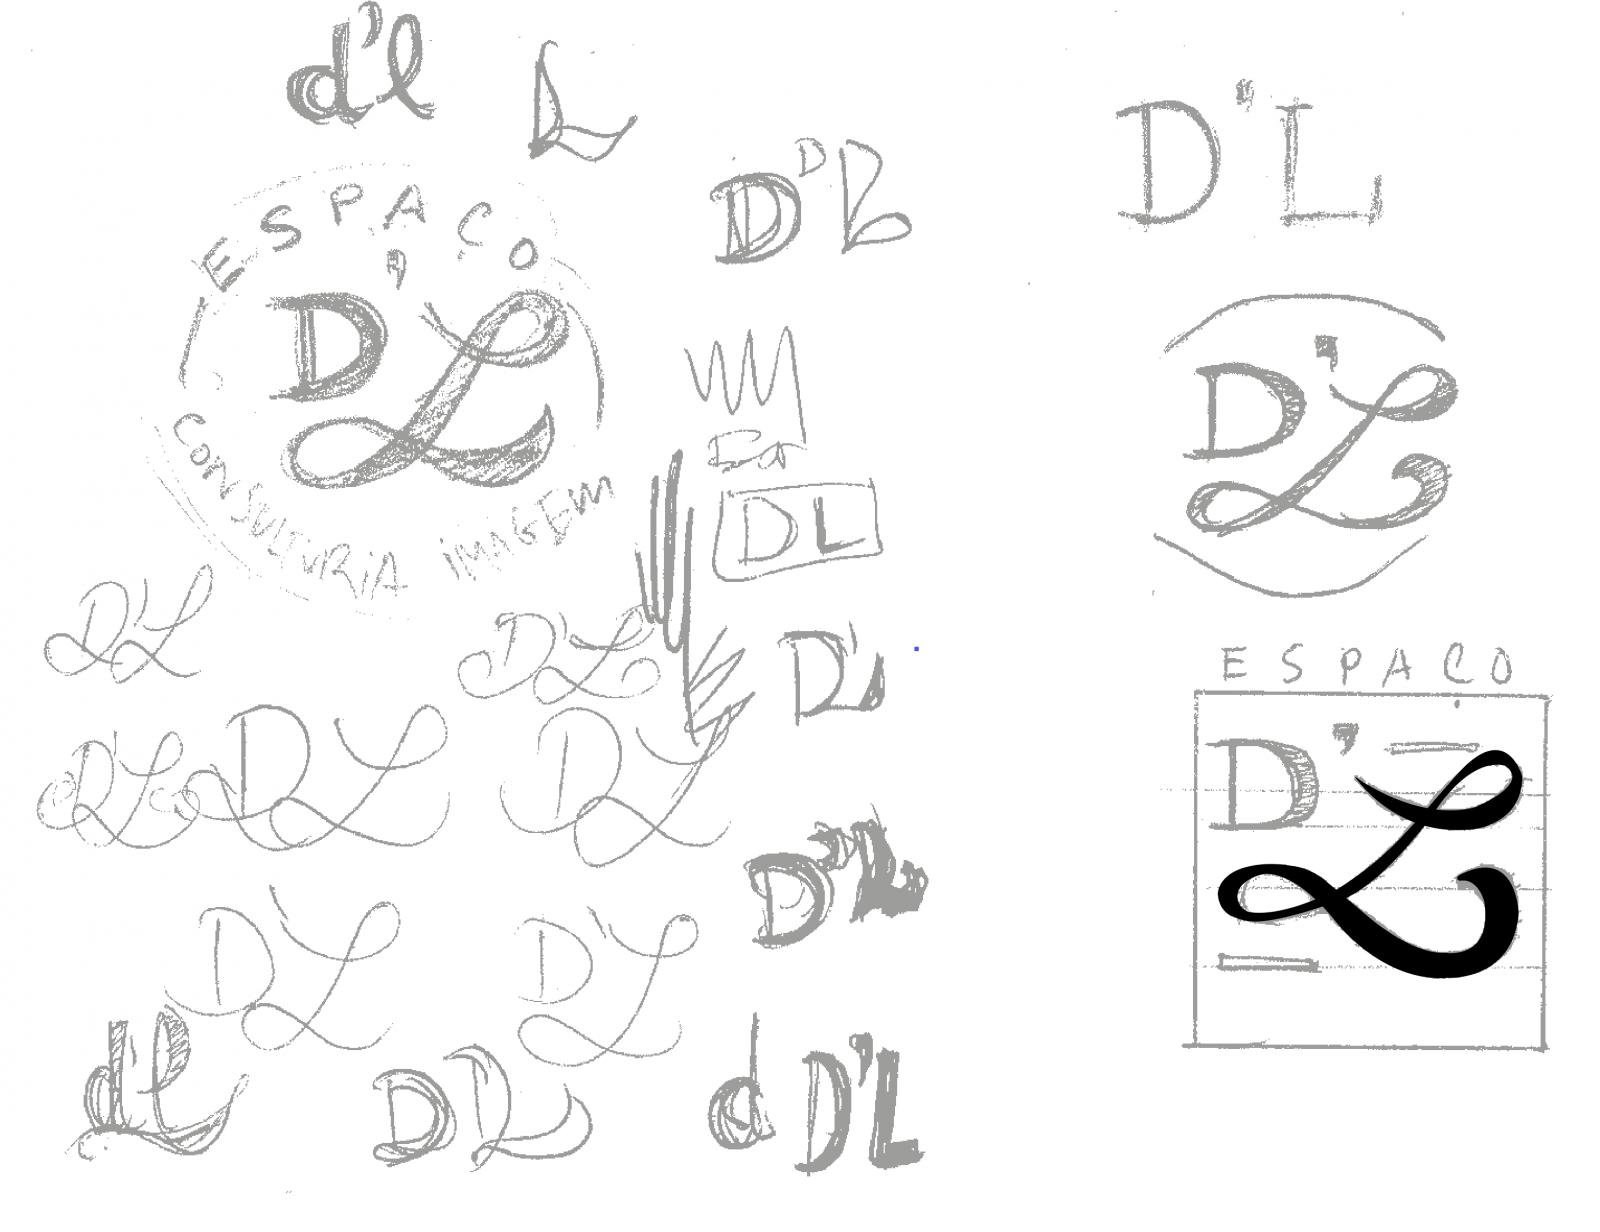 Espaço DL . raulpinadesign